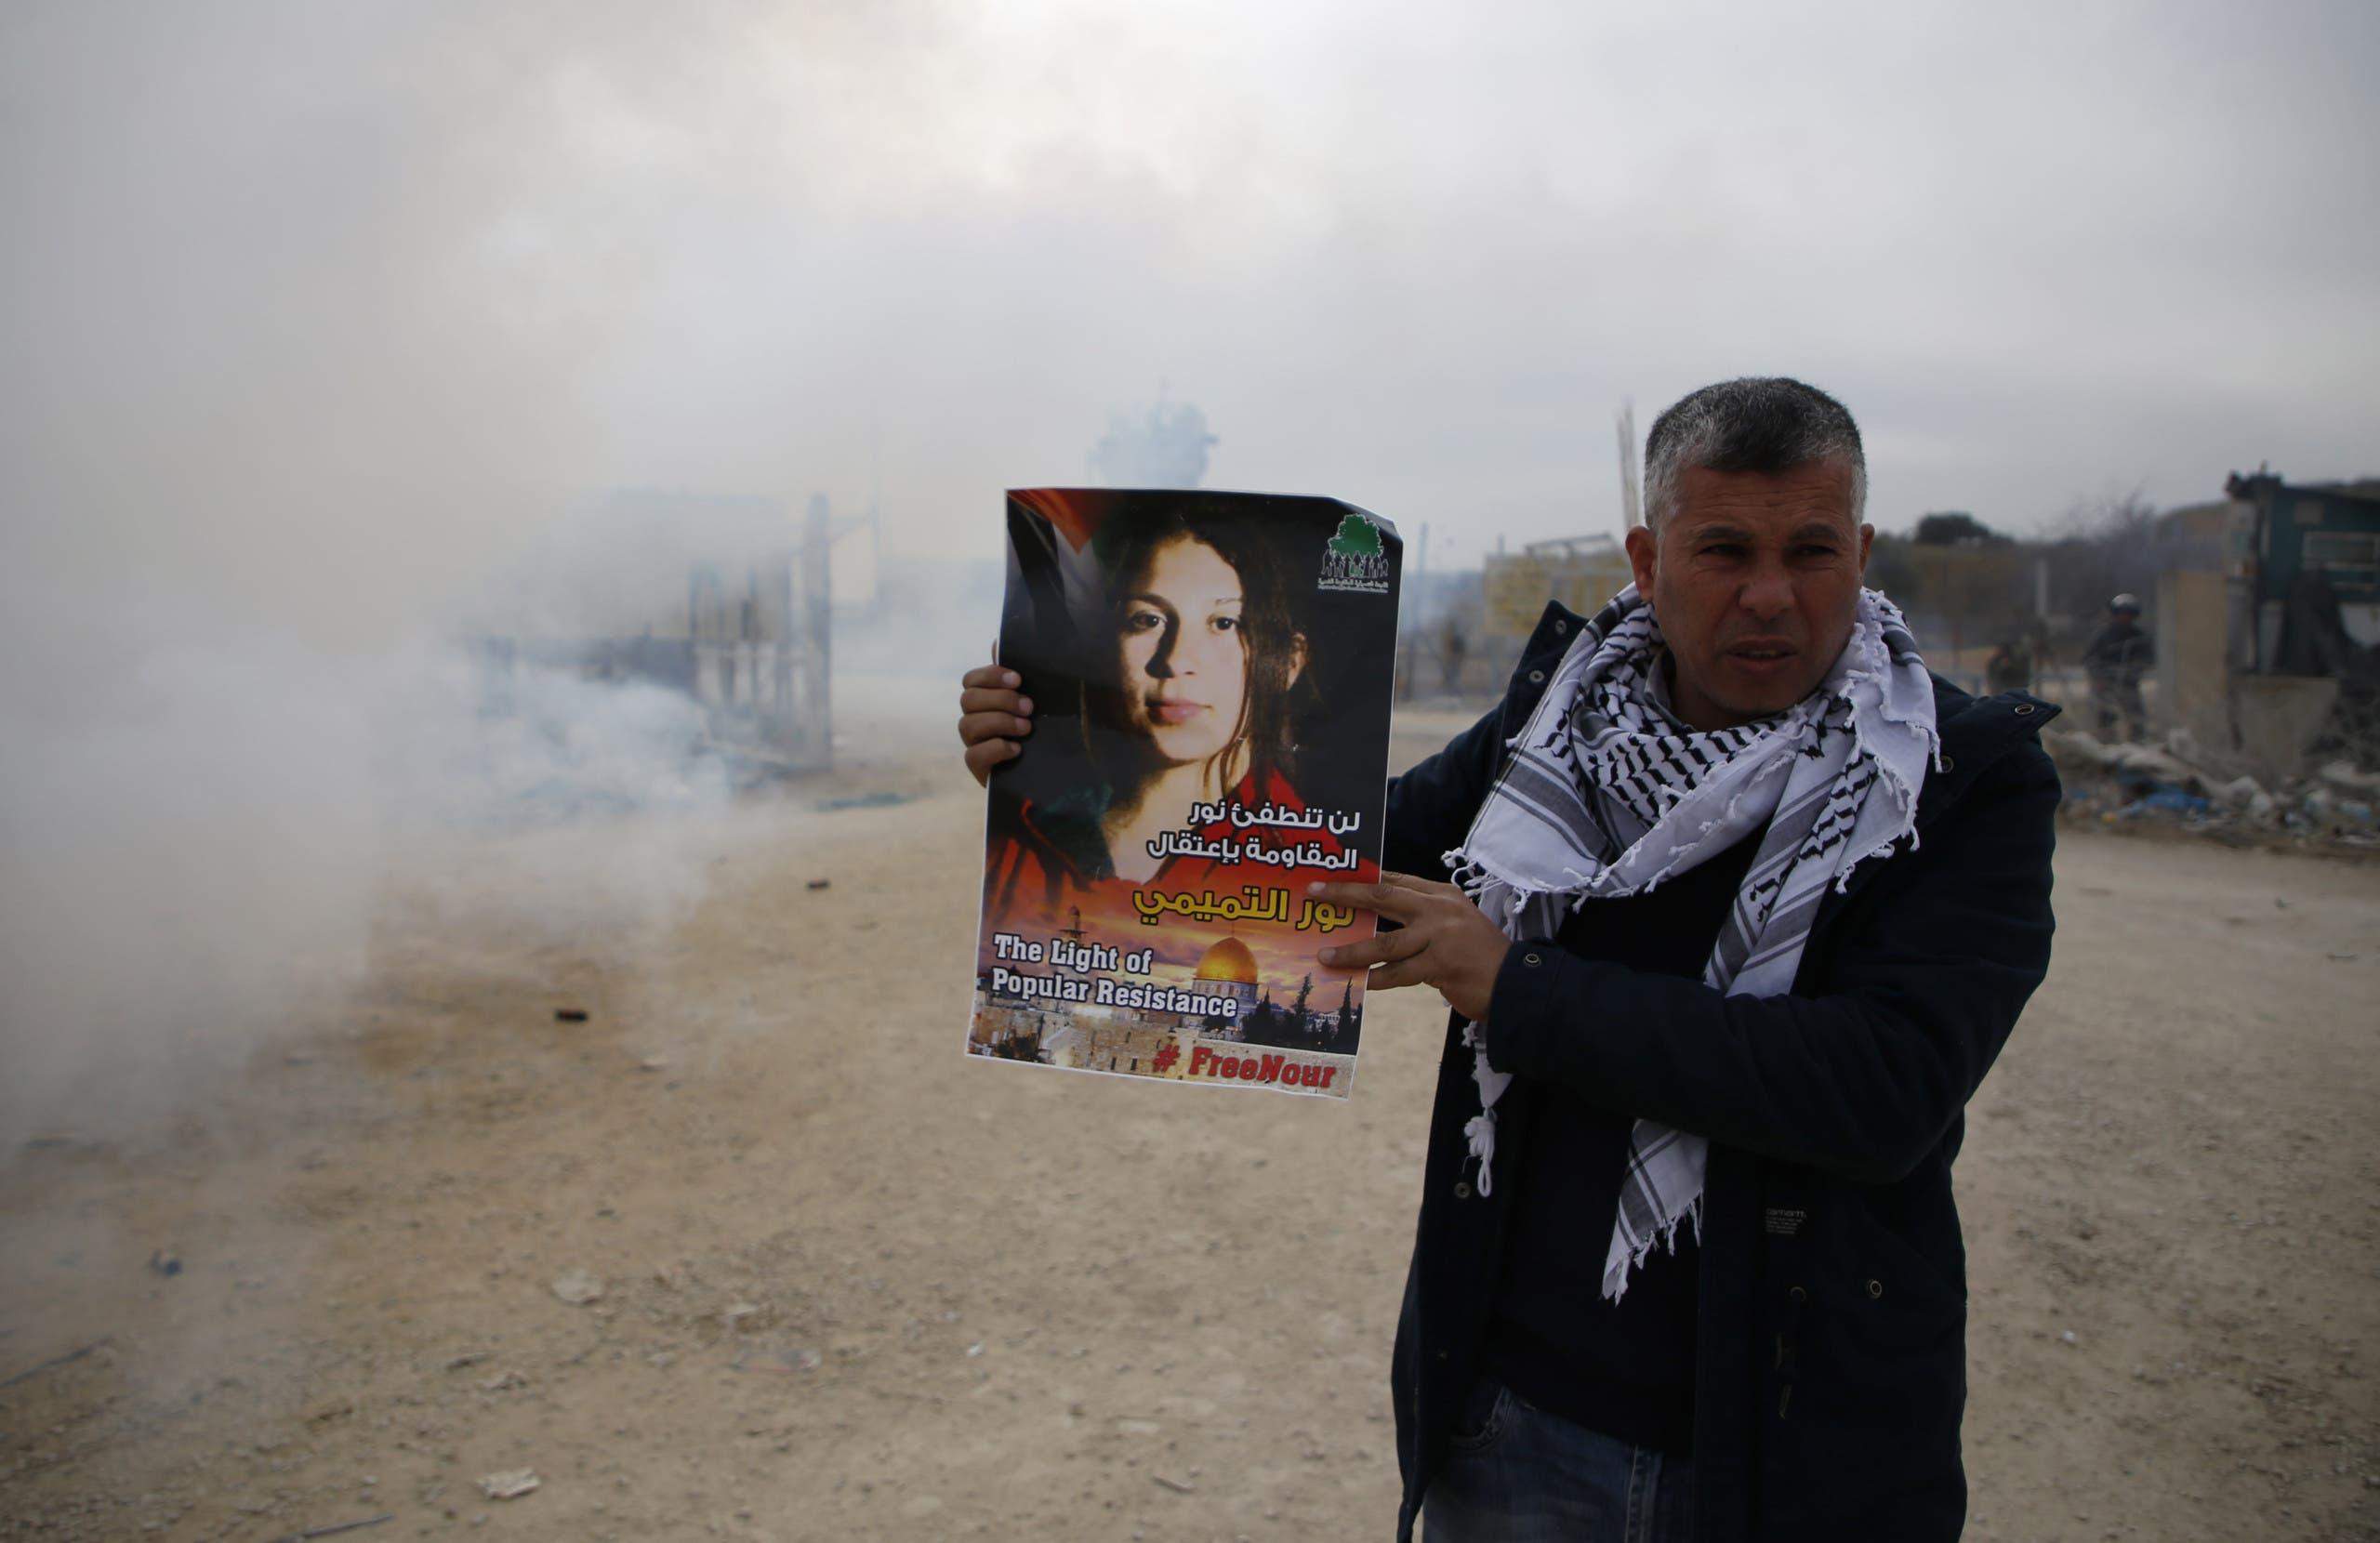 فلسطيني يحمل لافتة تطالب بإطلاق سراح نور التميمي (أرشيفية)